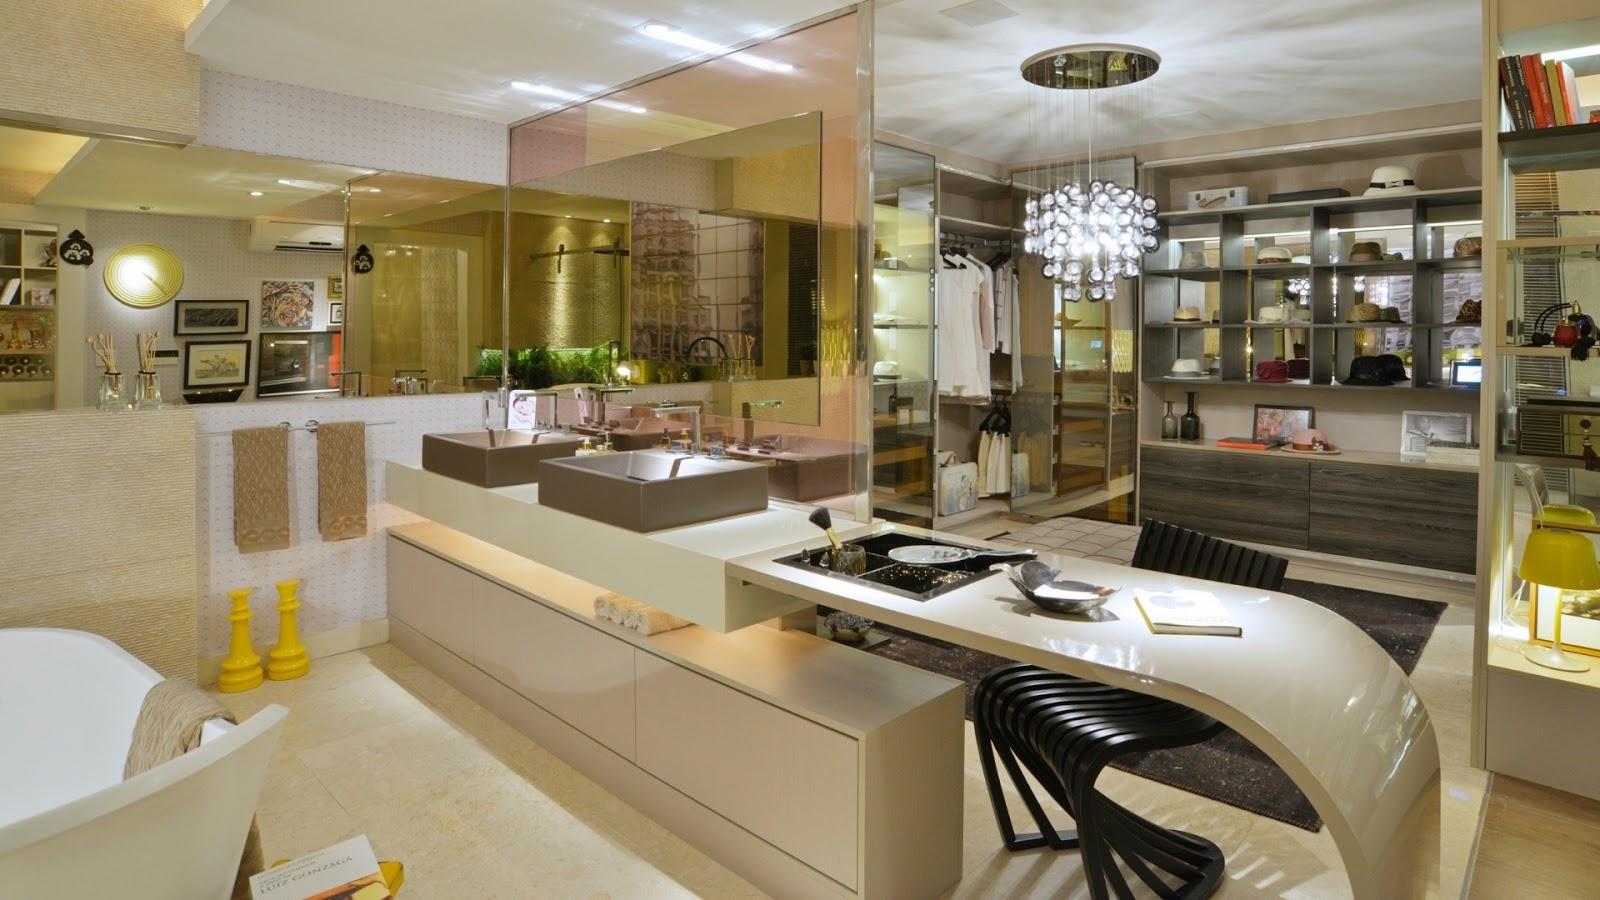 Imagens de #A68225 DESIGN DE INTERIORES BLOG ESTUDANTE: Novembro 2012 1600x900 px 3692 Banheiros Quadrados Modernos